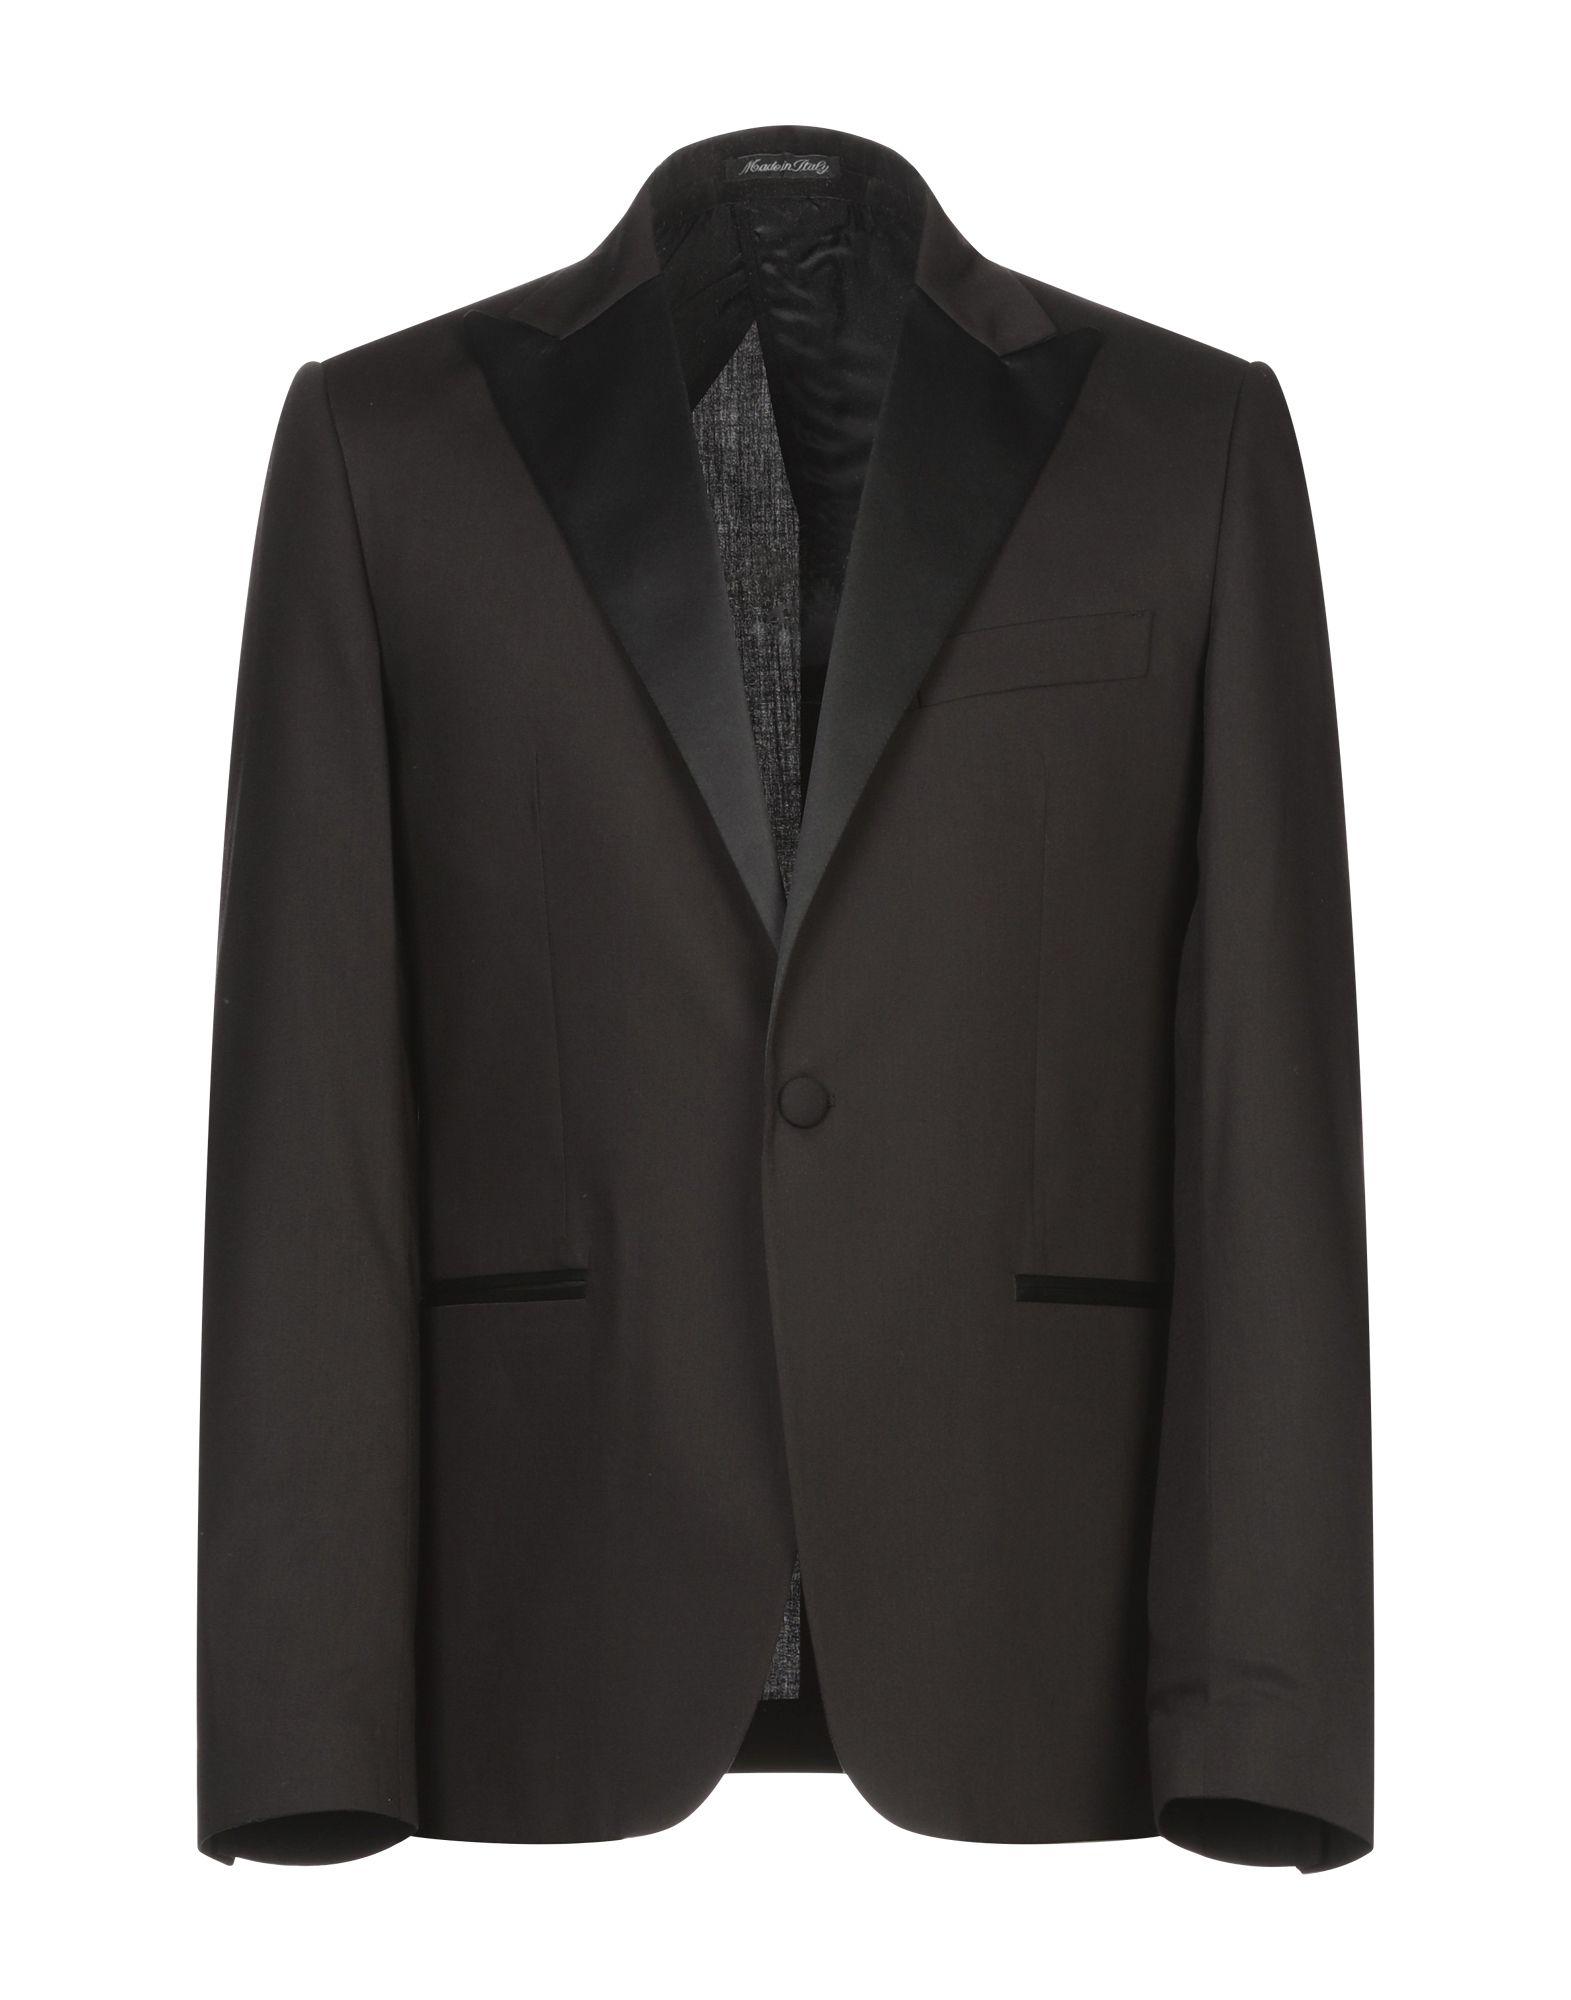 《期間限定セール開催中!》EREDI DEL DUCA メンズ テーラードジャケット ブラック 50 ポリエステル 64% / レーヨン 25% / ウール 9% / ポリウレタン 2%